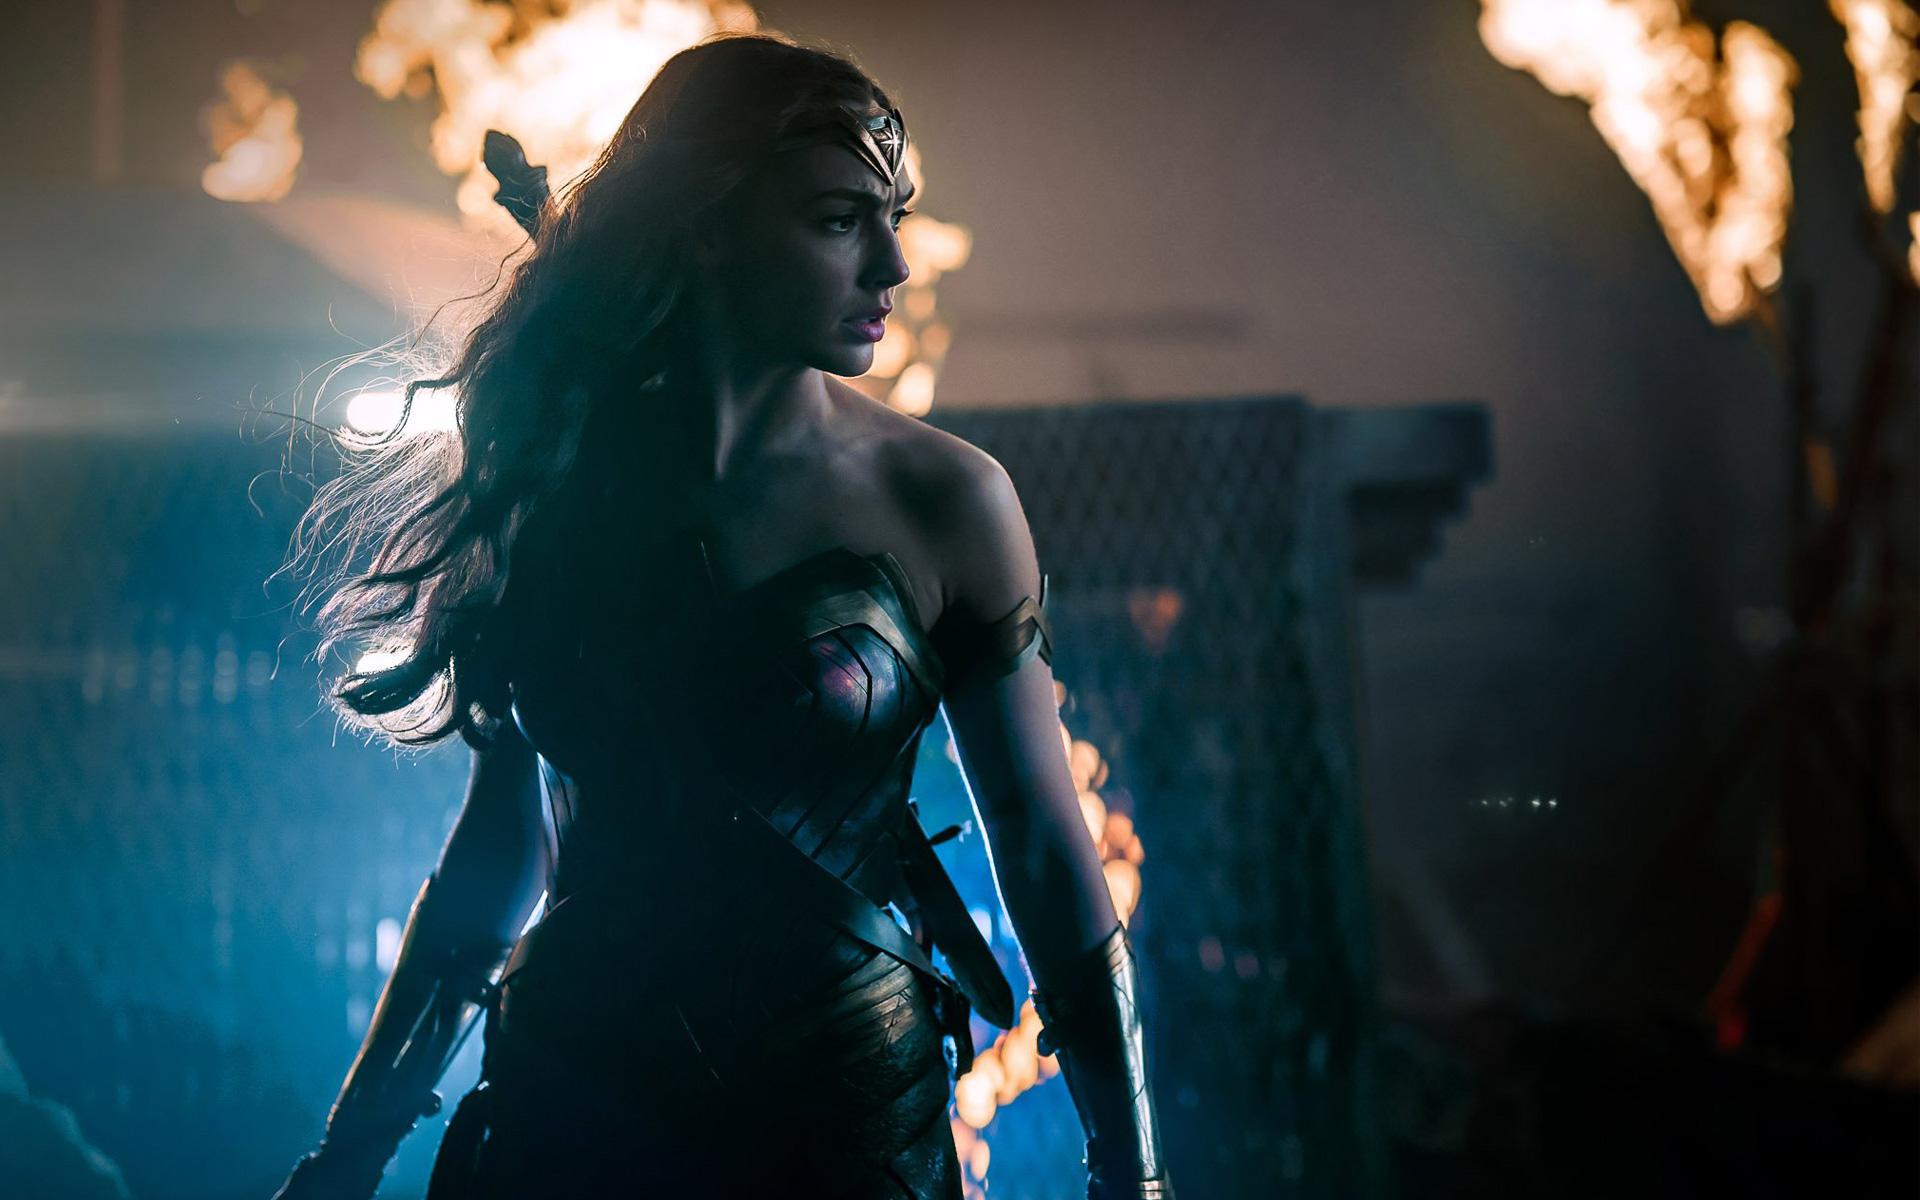 Галь гадот-чудо-женщина Лига справедливости. обои скачать